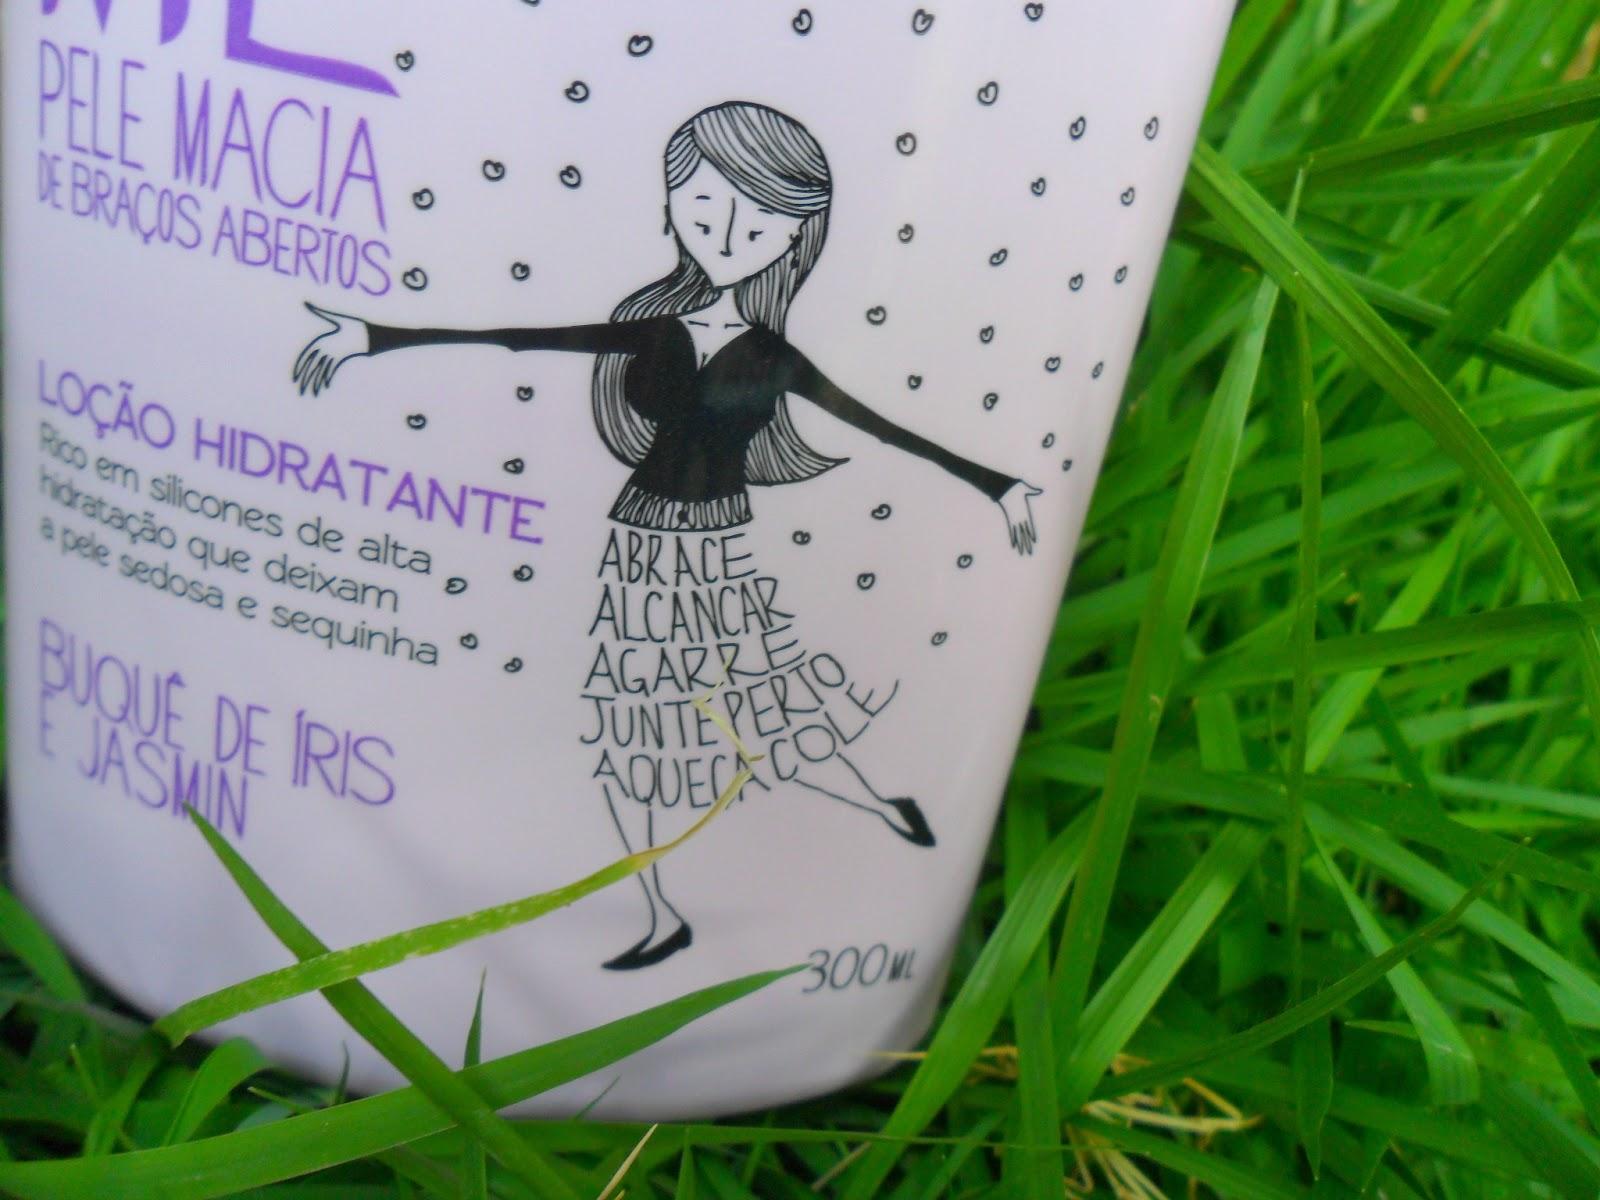 LOÇÃO HIDRATANTE HUG ME (BUQUÊ DE ÍRIS E JASMIM) - THE BEATY BOX #3